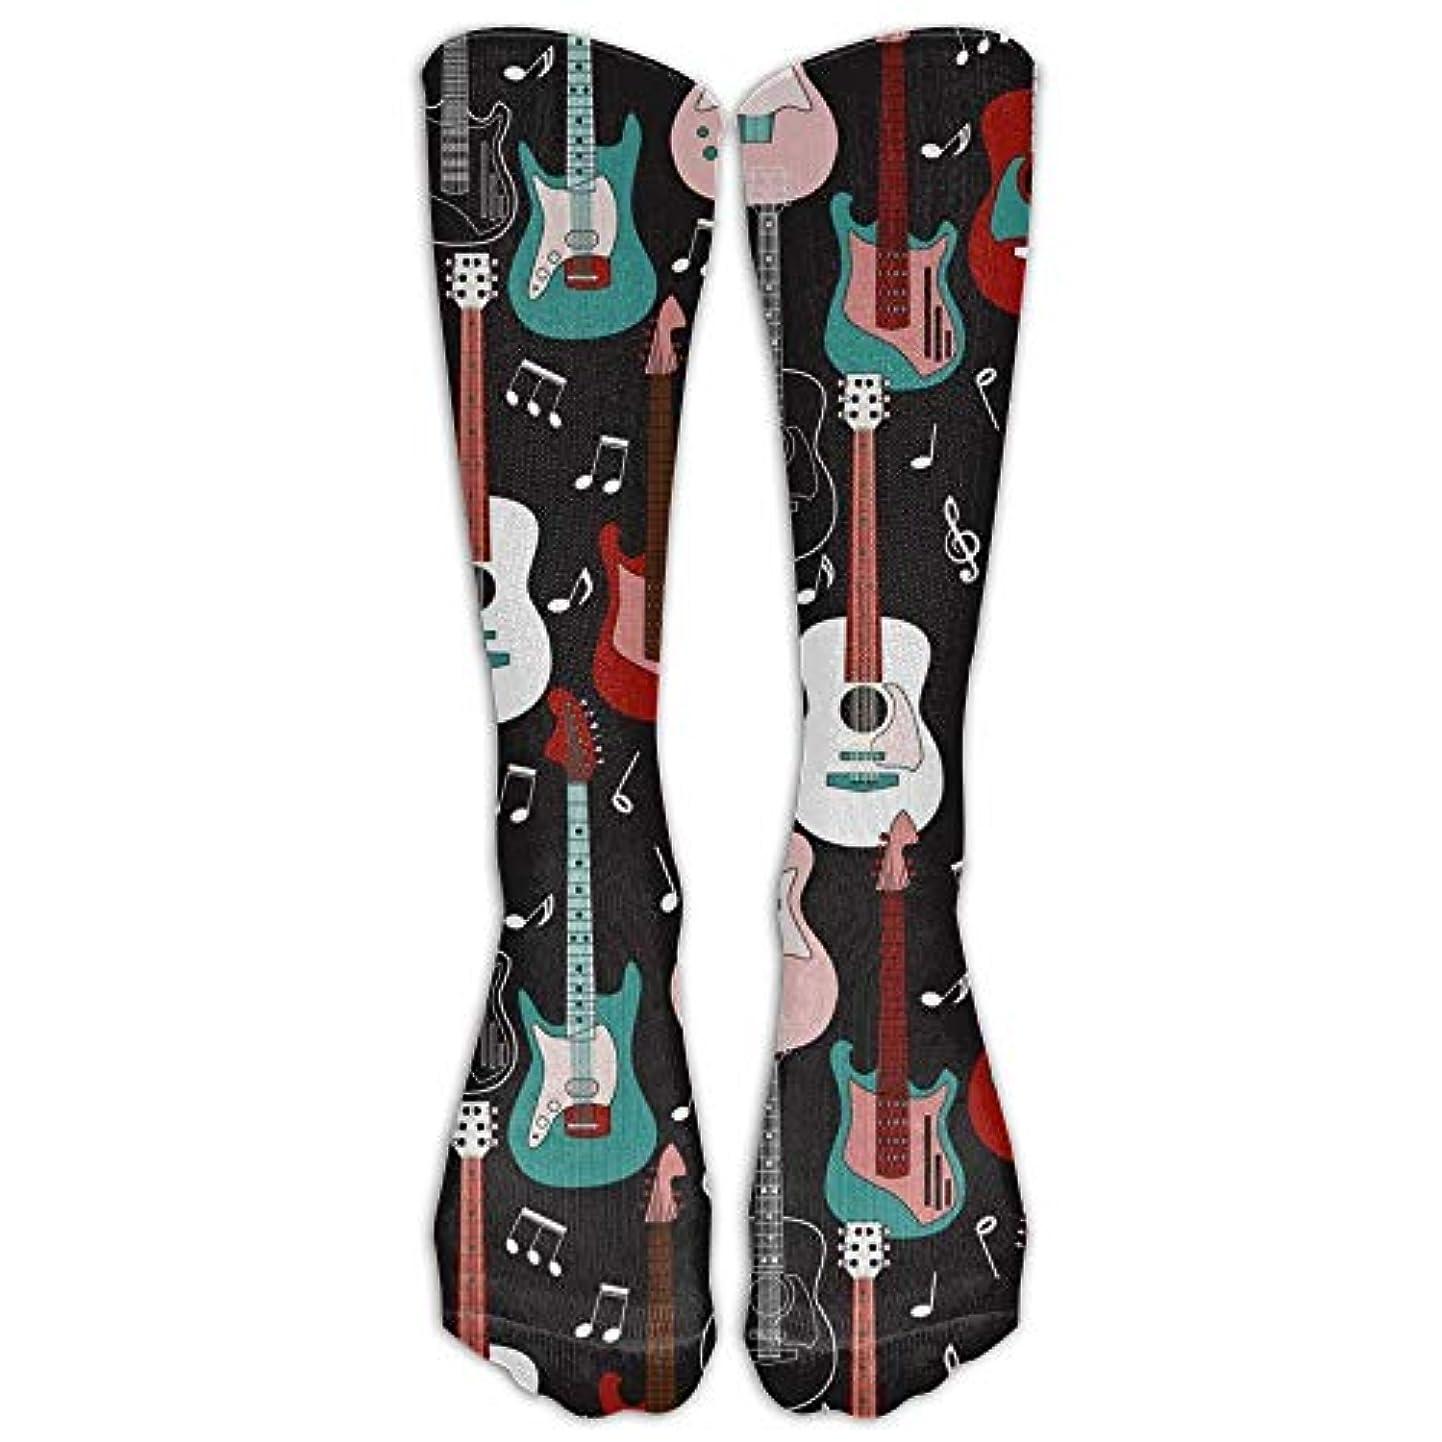 永遠のプレート抗議Rock And Roll Guitars Compression Socks For Men & Women - Medical Graduated - Prevent Swelling & DVT - For Training...